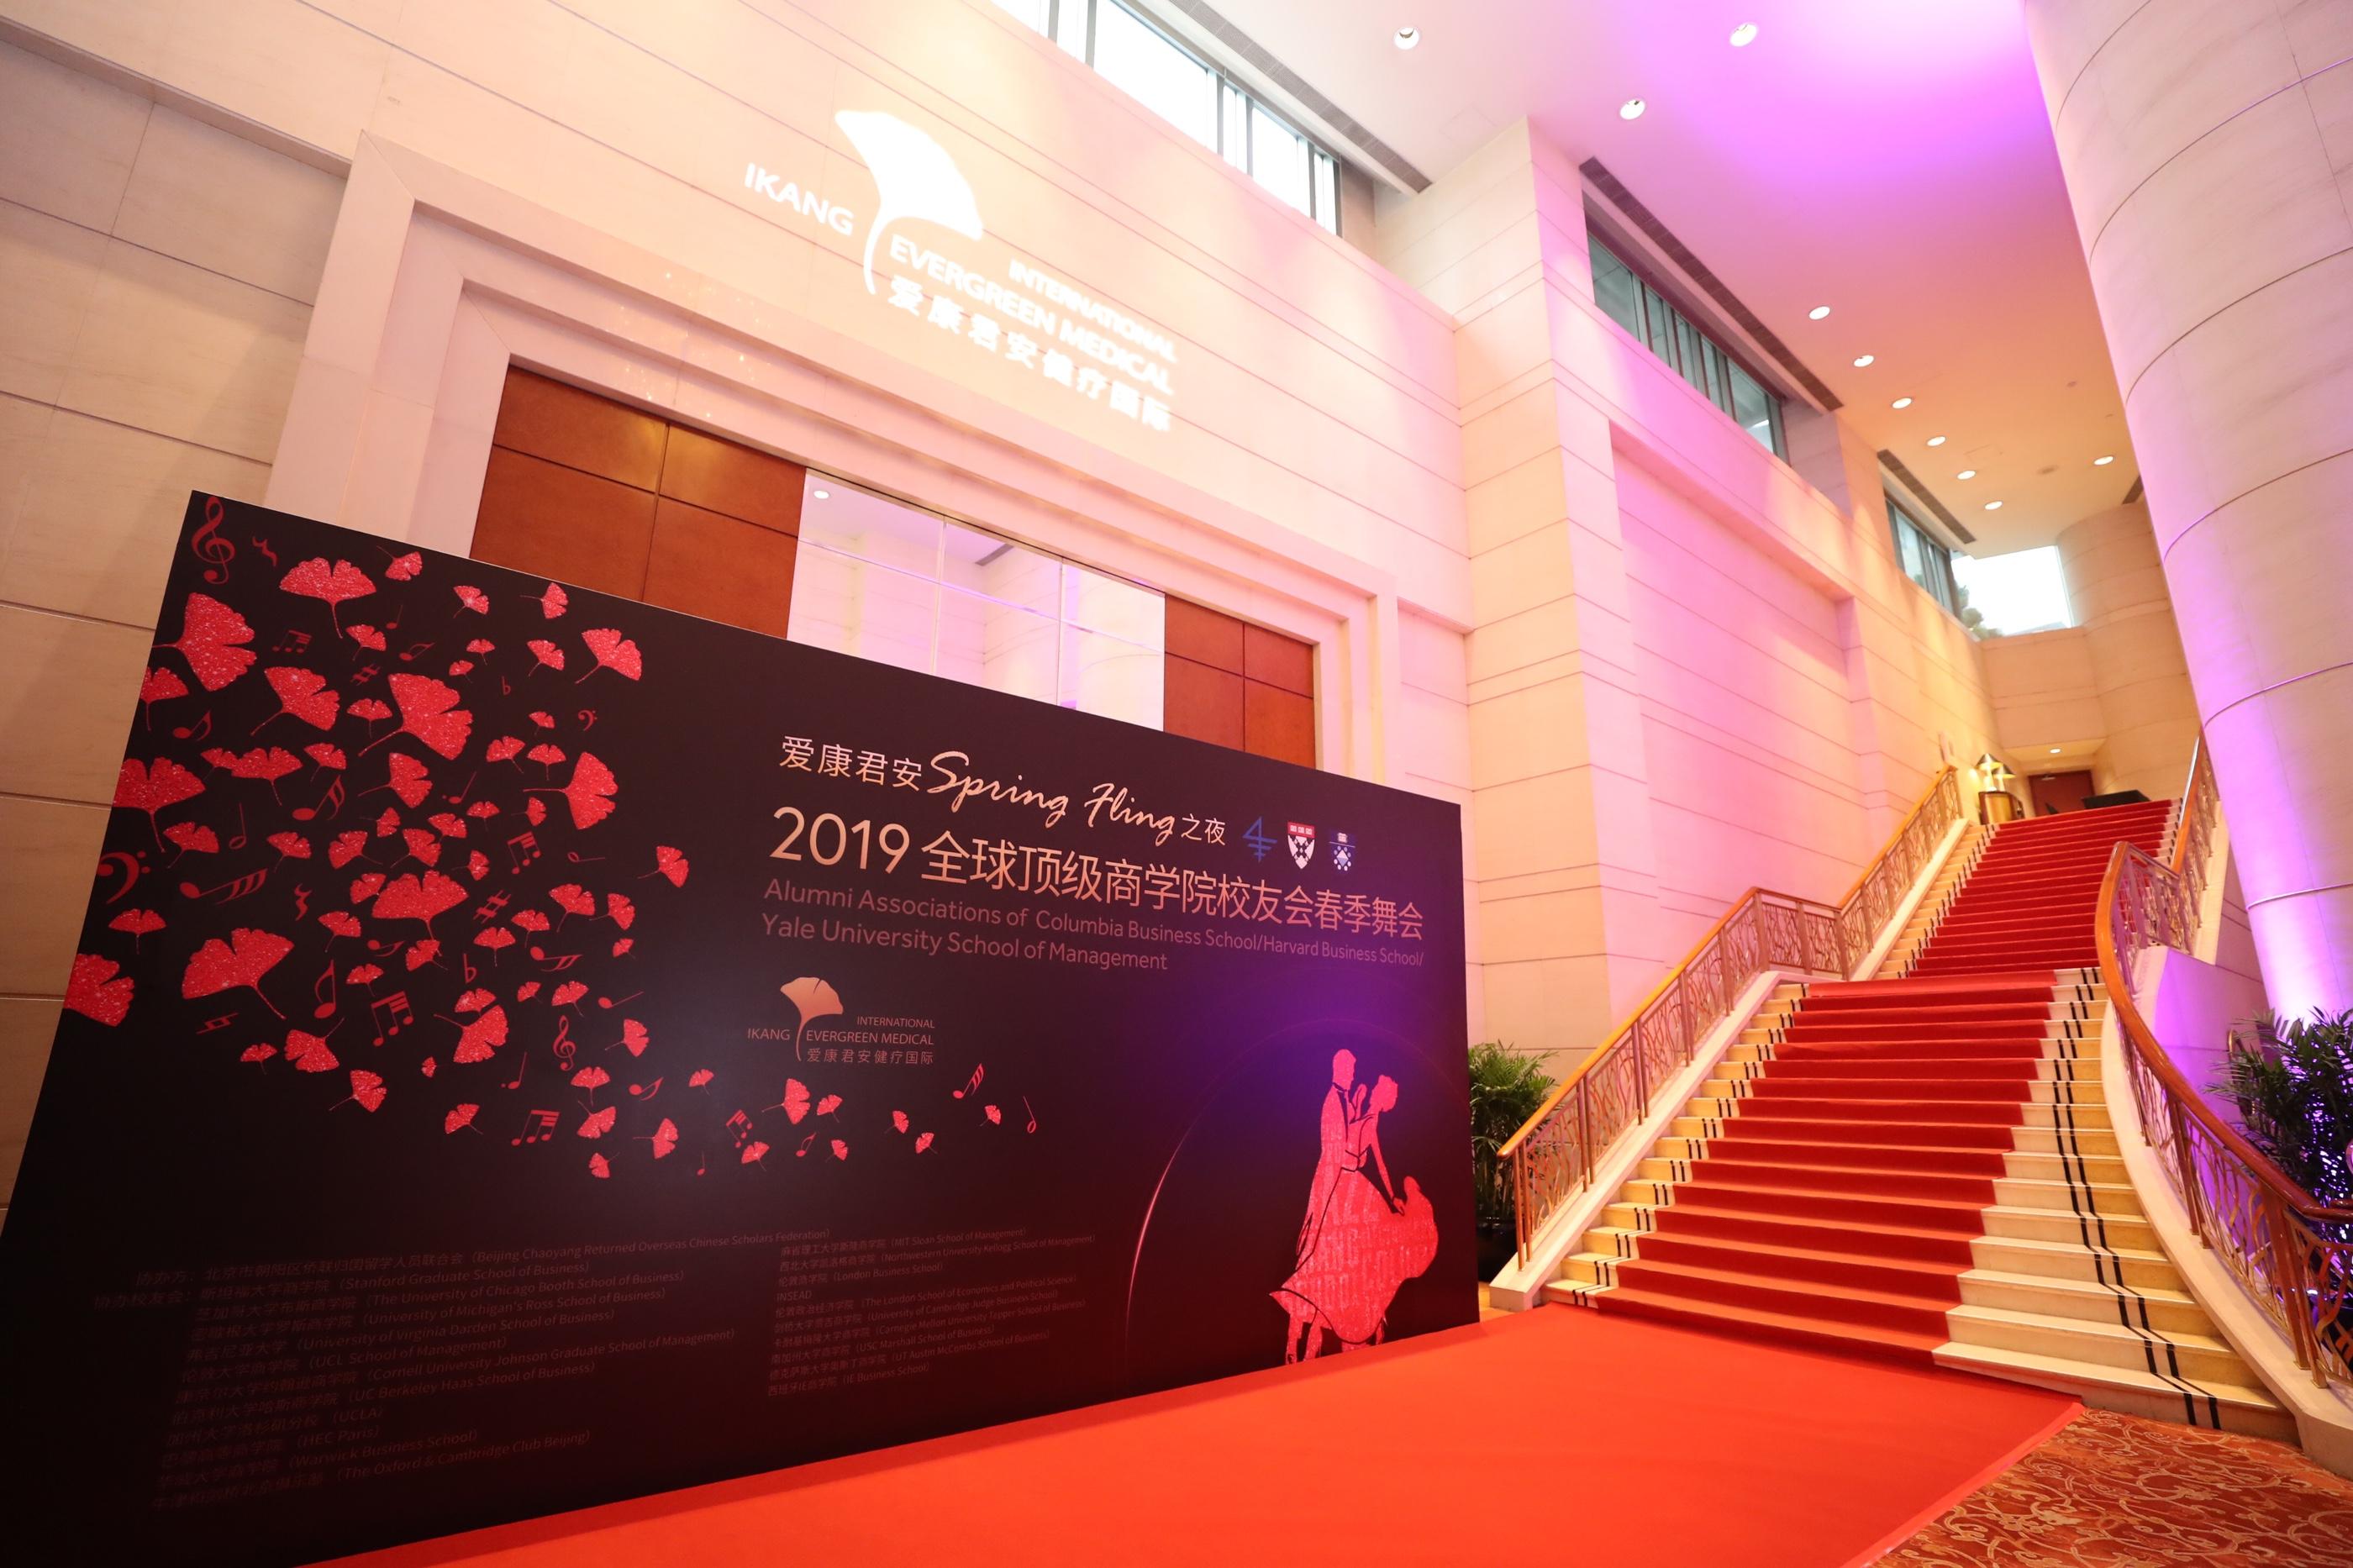 【华丽通告】第六届全球顶级学府春季舞会--爱康君安Spring Fling 2019 精彩回放